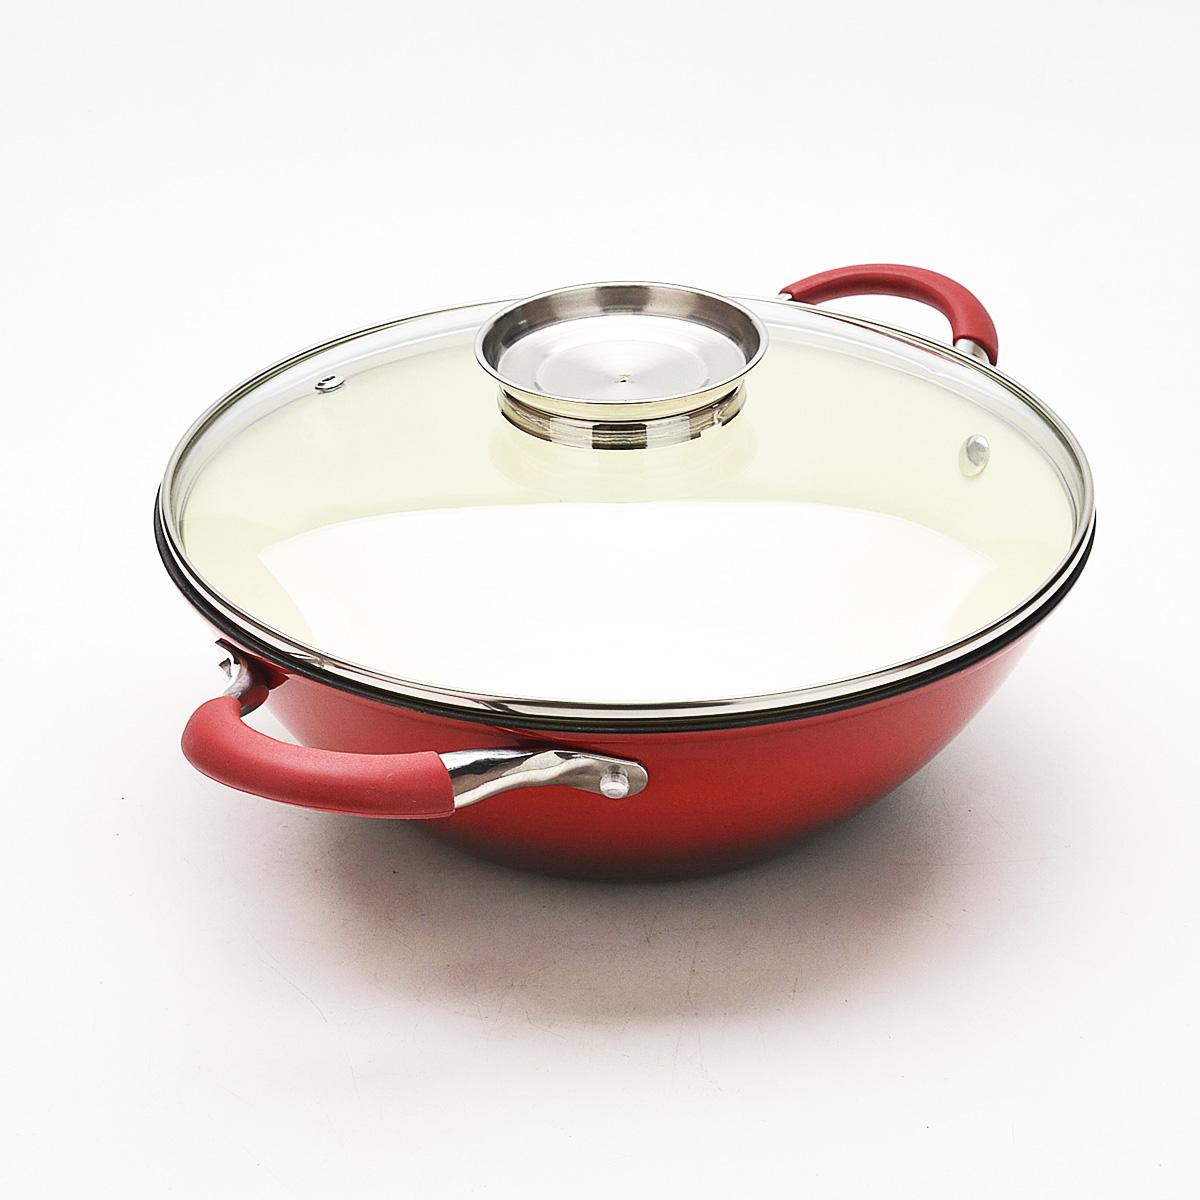 Казан Mayer & Boch с крышкой, с эмалевым покрытием, цвет: красный, 4,4 л22176Казан Mayer & Boch, изготовленный из чугуна, идеально подходит для приготовления вкусных тушеных блюд. Он имеет внешнее и внутреннее эмалевое покрытие. Чугун является традиционным высокопрочным, экологически чистым материалом. Его главной особенностью является то, что эмаль наносится с внешней и внутренней сторонах изделия. Причем, чем дольше и чаще вы пользуетесь этой посудой, тем лучше становятся ее свойства. Высокая теплоемкость чугуна позволяет ему сильно нагреваться и медленно остывать, а это в свою очередь обеспечивает равномерное приготовление пищи. Чугун не вступает в какие-либо химические реакции с пищей в процессе приготовления и хранения, а плотное покрытие - безупречное препятствие для бактерий и запахов. Пища, приготовленная в чугунной посуде, благодаря экологической чистоте материала не может нанести вред здоровью человека. Казан оснащен двумя удобными ручками из нержавеющей стали с силиконовыми вставками. К казану прилагается стеклянная крышка с пароотводом, ручкой и ободом из нержавеющей стали. Крышка удобна в использовании и позволяет контролировать процесс приготовления пищи. Казан Mayer & Boch можно использовать на всех типах плит, кроме индукционной. Также изделие можно мыть в посудомоечной машине. Ширина казана с учетом ручек: 42 см.Высота казана (без учета крышки): 10 см.Толщина стенки: 4 мм. Толщина дна: 5 мм.